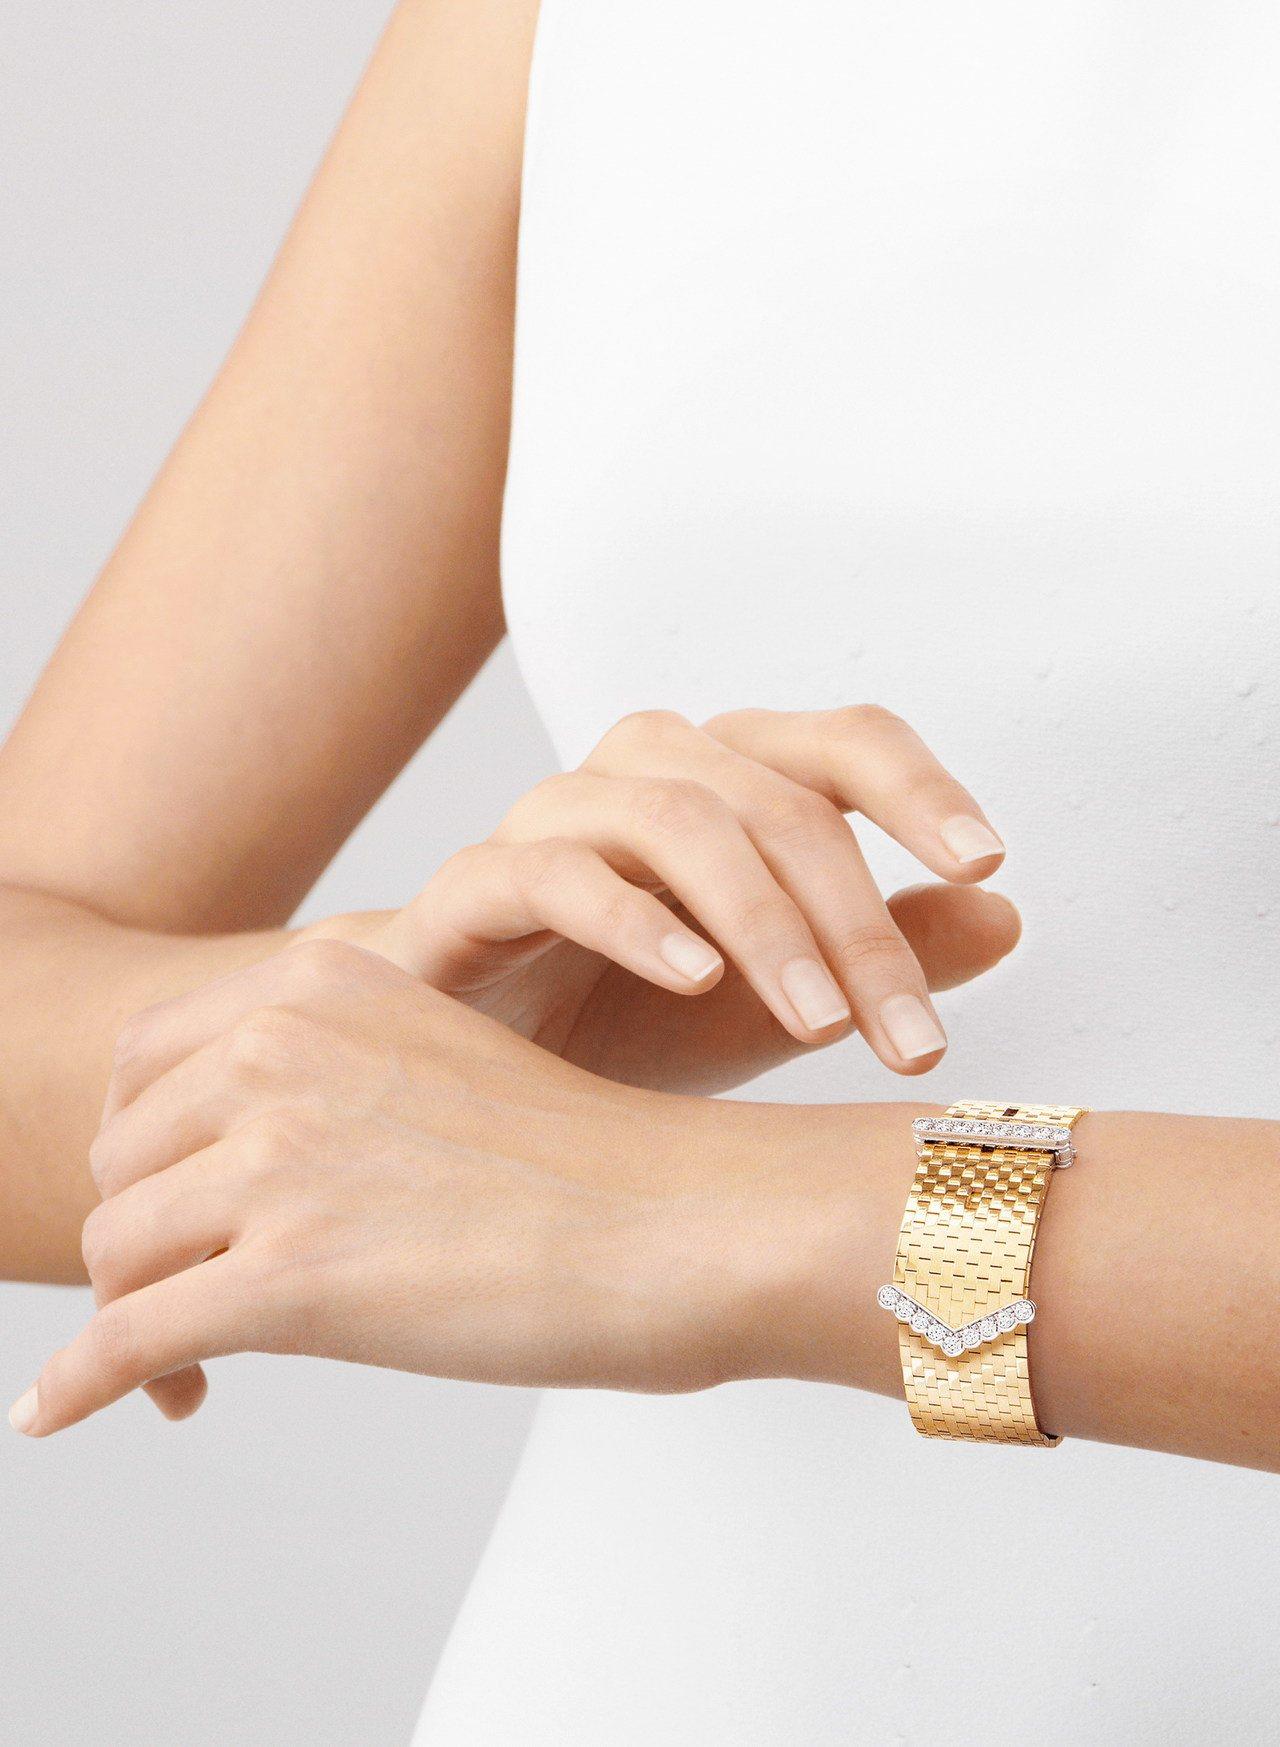 梵克雅寶Ludo手鐲,黃K金與白K金鑲嵌鑽石,202萬元。圖/梵克雅寶提供